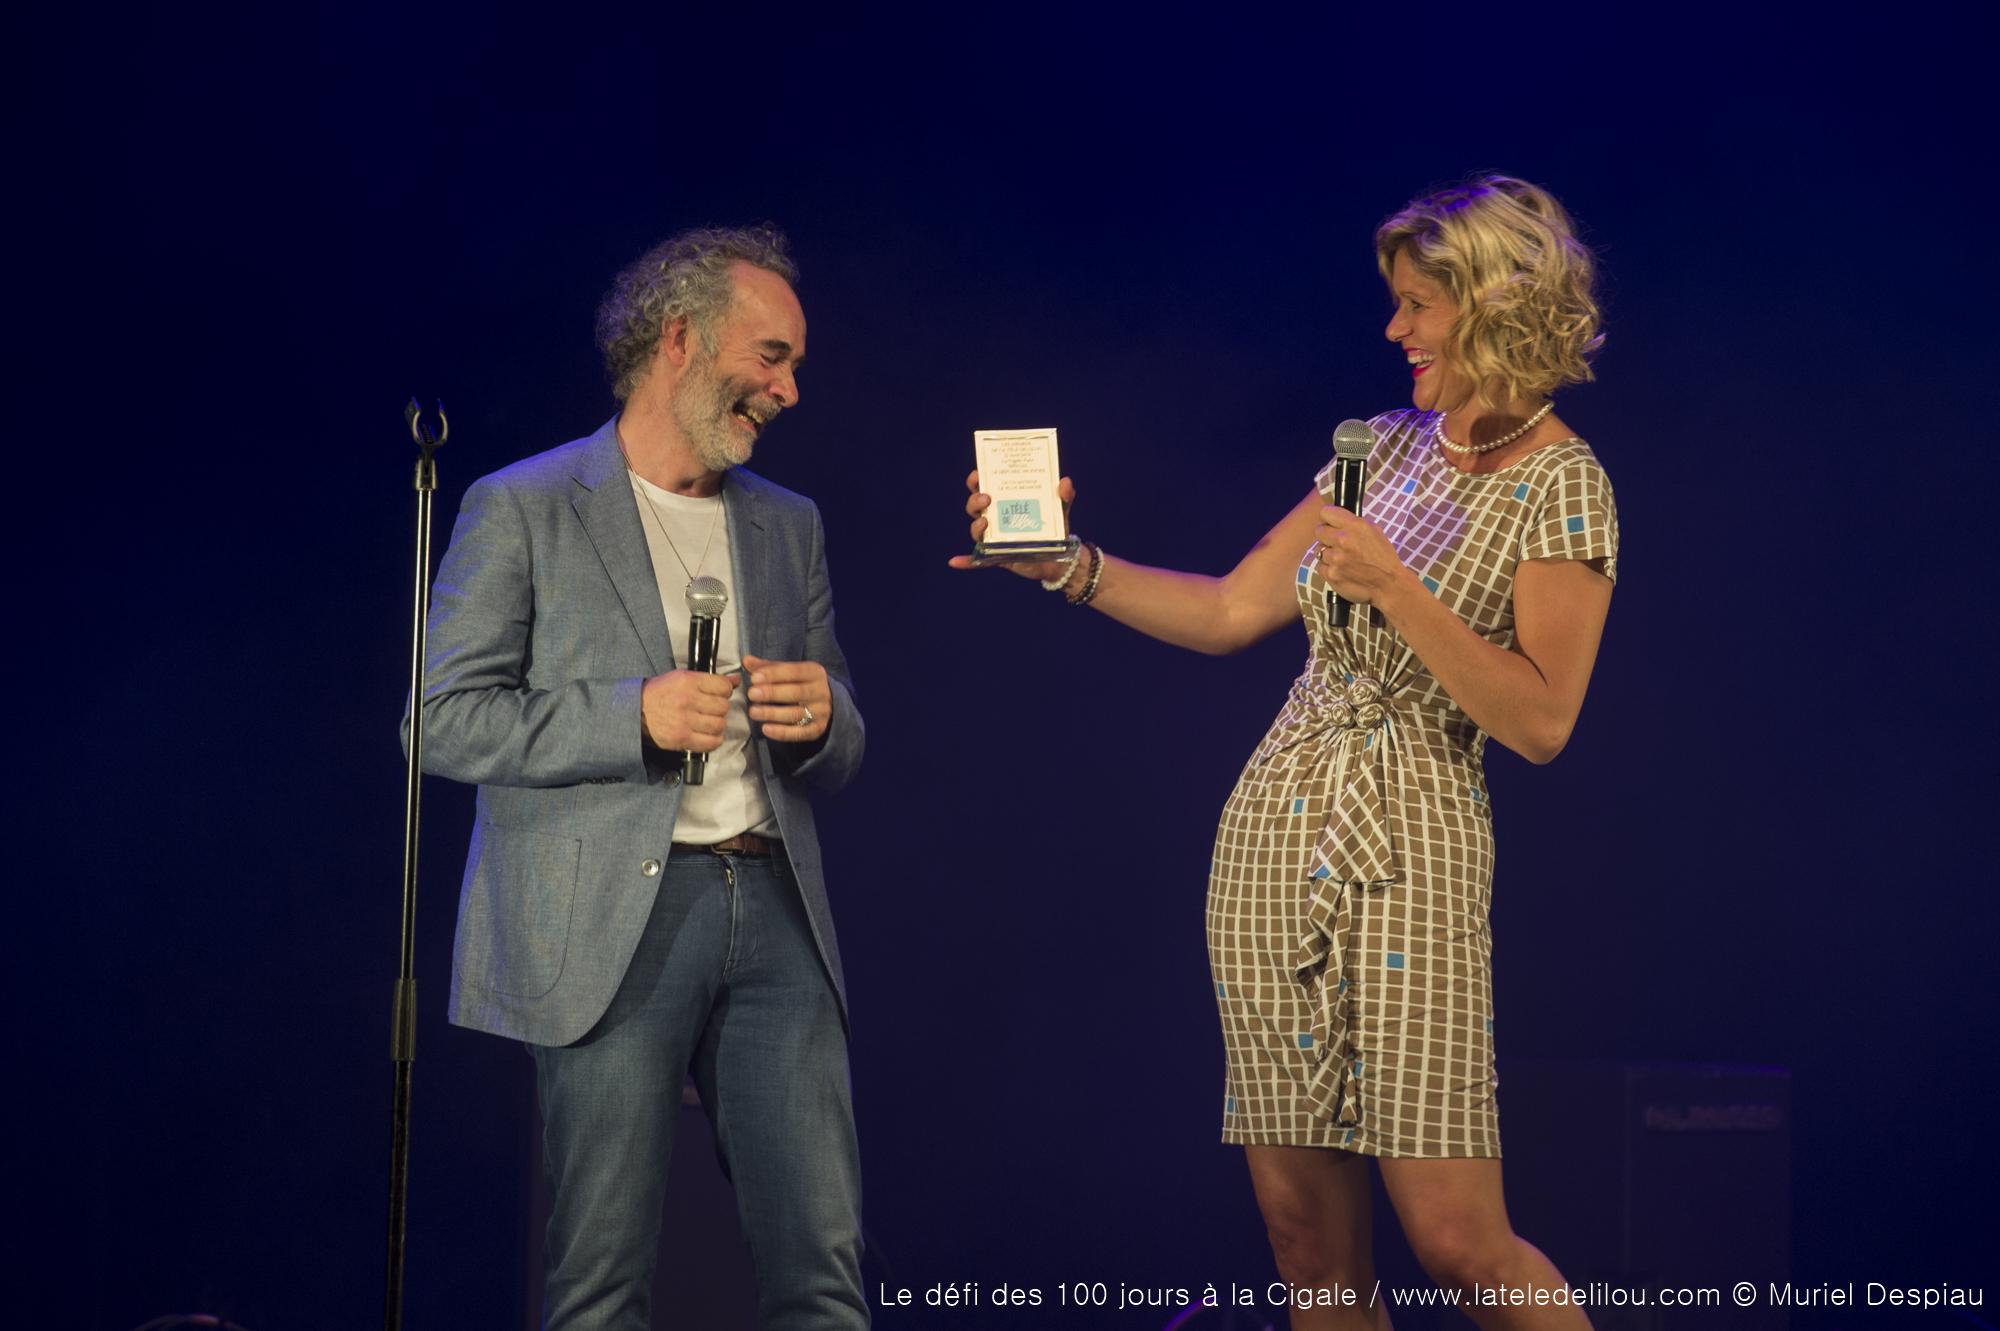 La Cigale (Replay 2/6) : Conférence d'Arnaud Riou: Le Monde Invisible et la Magie au quotidien - Paris - 22 avril 2018